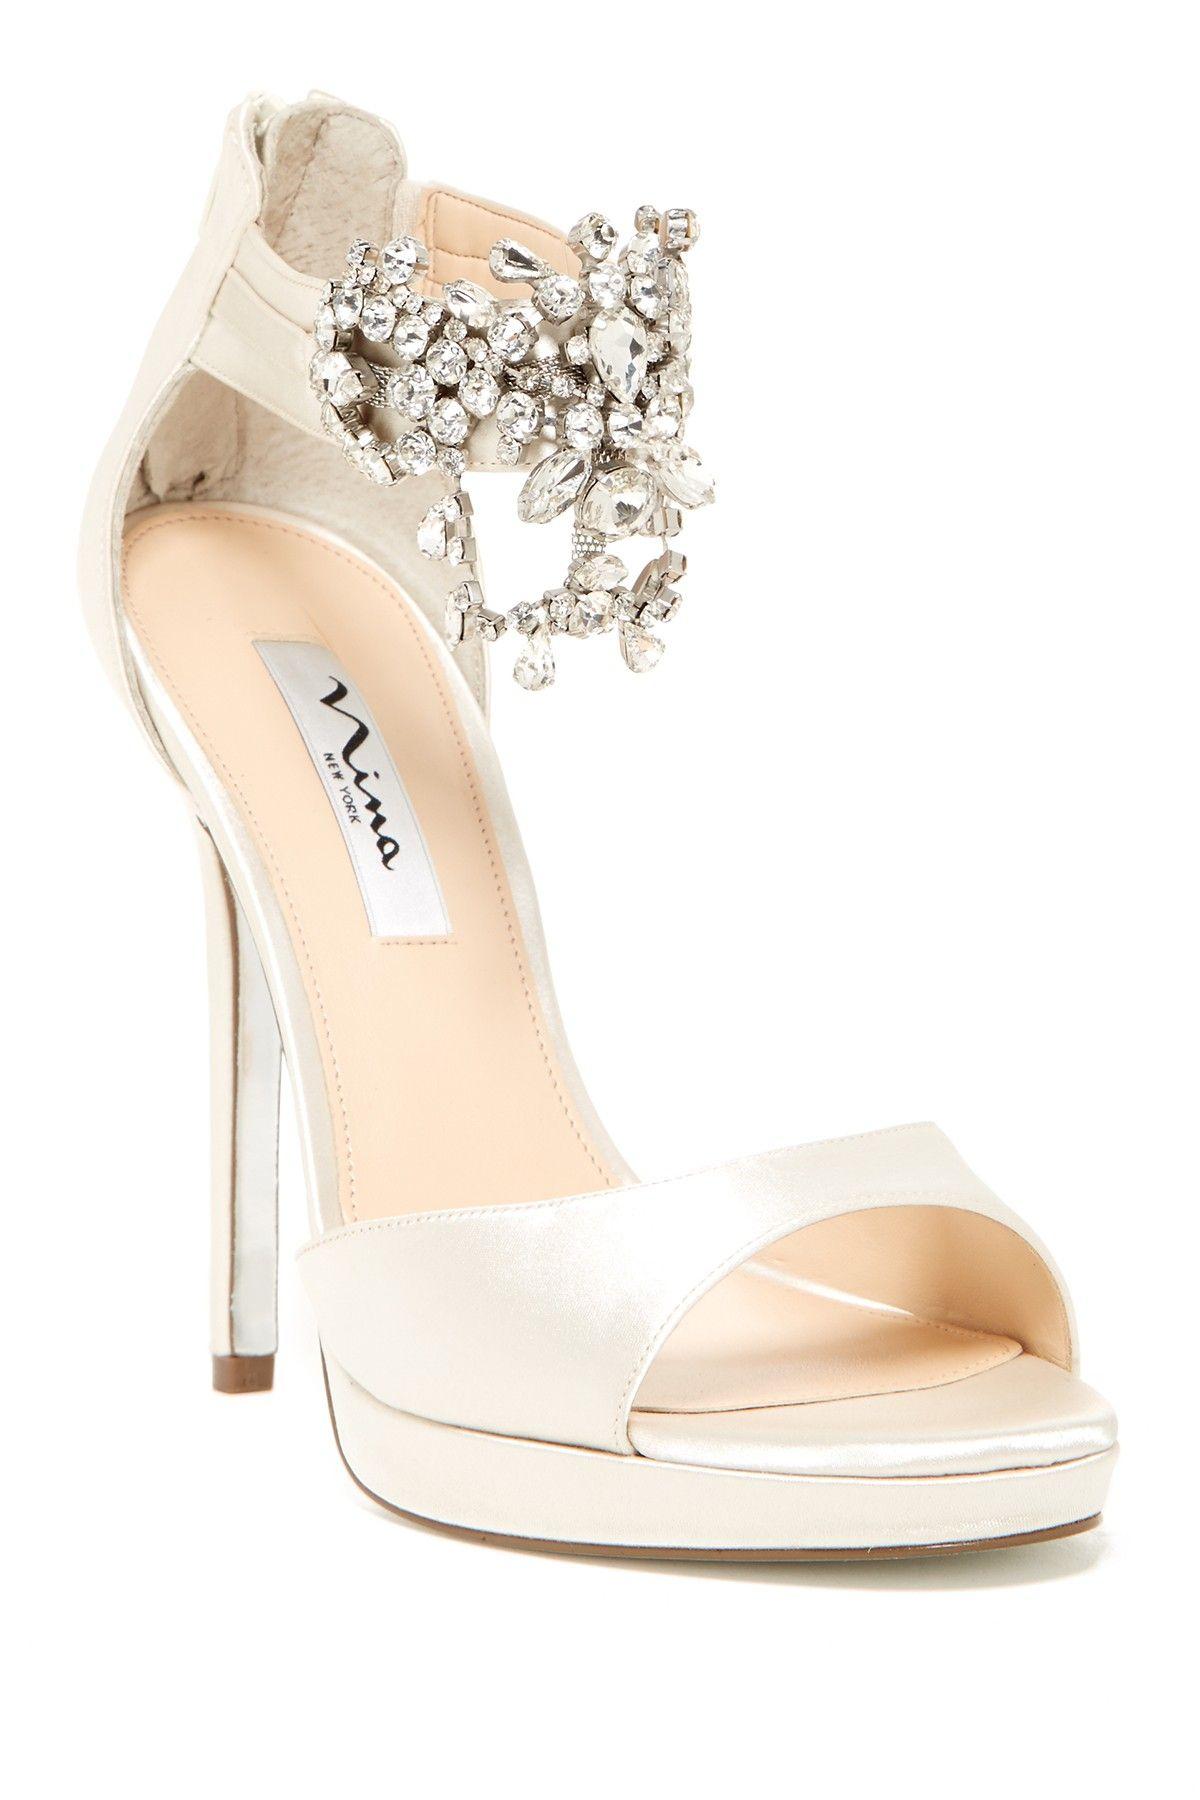 Fabiola Platform Heel By Nina Shoes On Nordstrom Rack Sponsored